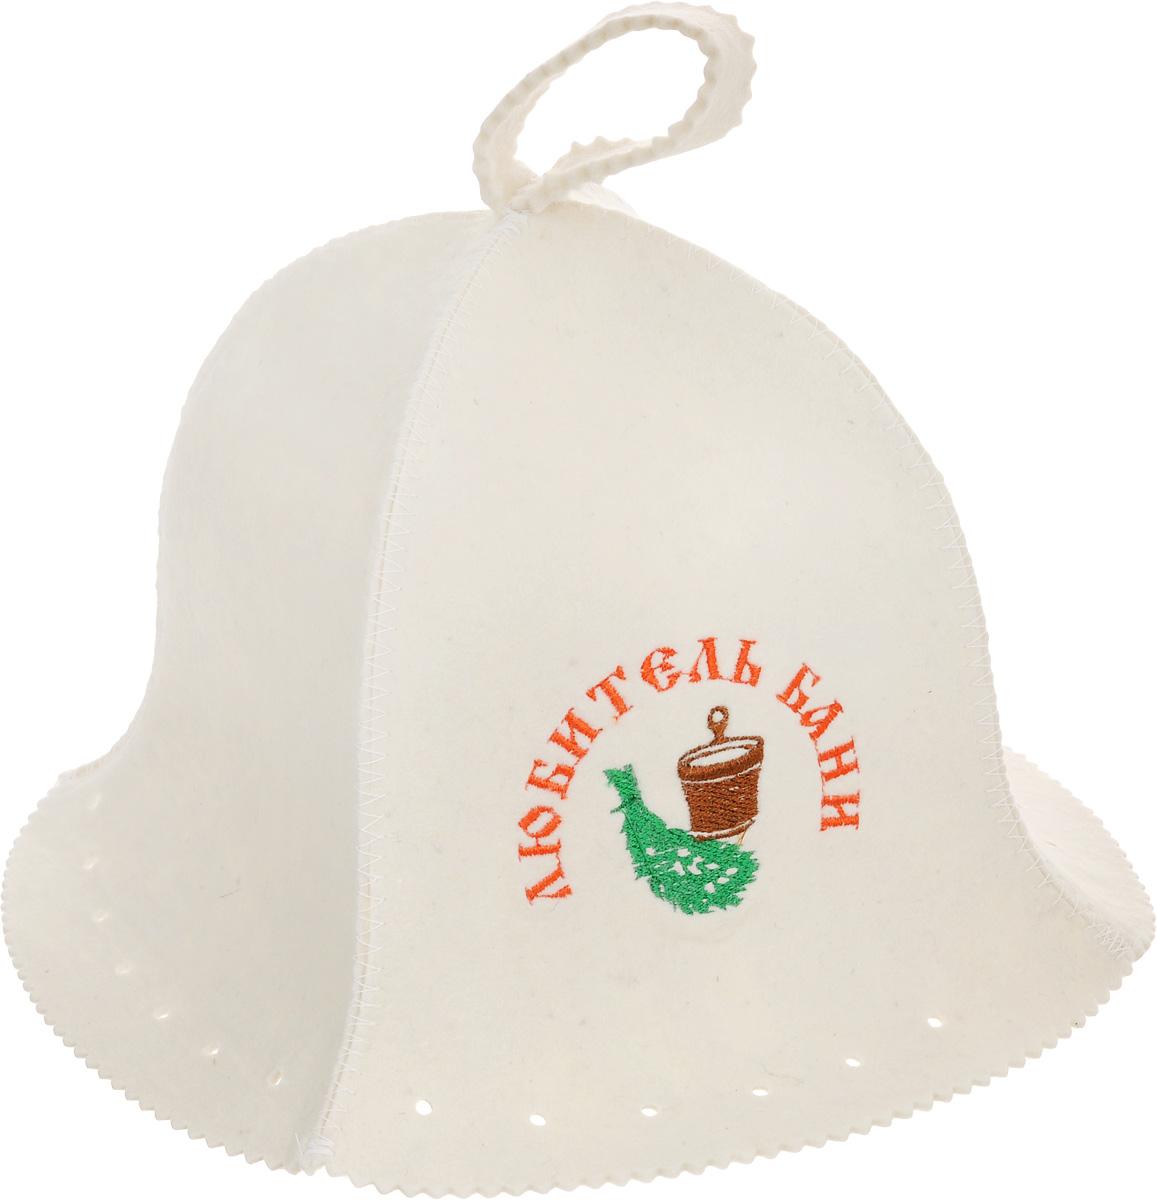 Шапка для бани и сауны Proffi Люкс. Любитель бани, мужскаяPS0043_любитель баниБанная шапка Proffi изготовлена из высококачественного войлока и декорирована надписью Любитель бани. Банная шапка - это незаменимый аксессуар для любителей попариться в русской бане и для тех, кто предпочитает сухой жар финской бани. Кроме того, шапка защитит волосы от сухости и ломкости, голову от перегрева и предотвратит появление головокружения. На шапке имеется петелька, с помощью которой ее можно повесить на крючок в предбаннике. Такая шапка станет отличным подарком для любителей отдыха в бане или сауне. Обхват головы: 70 см. Высота шапки (без учета петельки): 25 см.